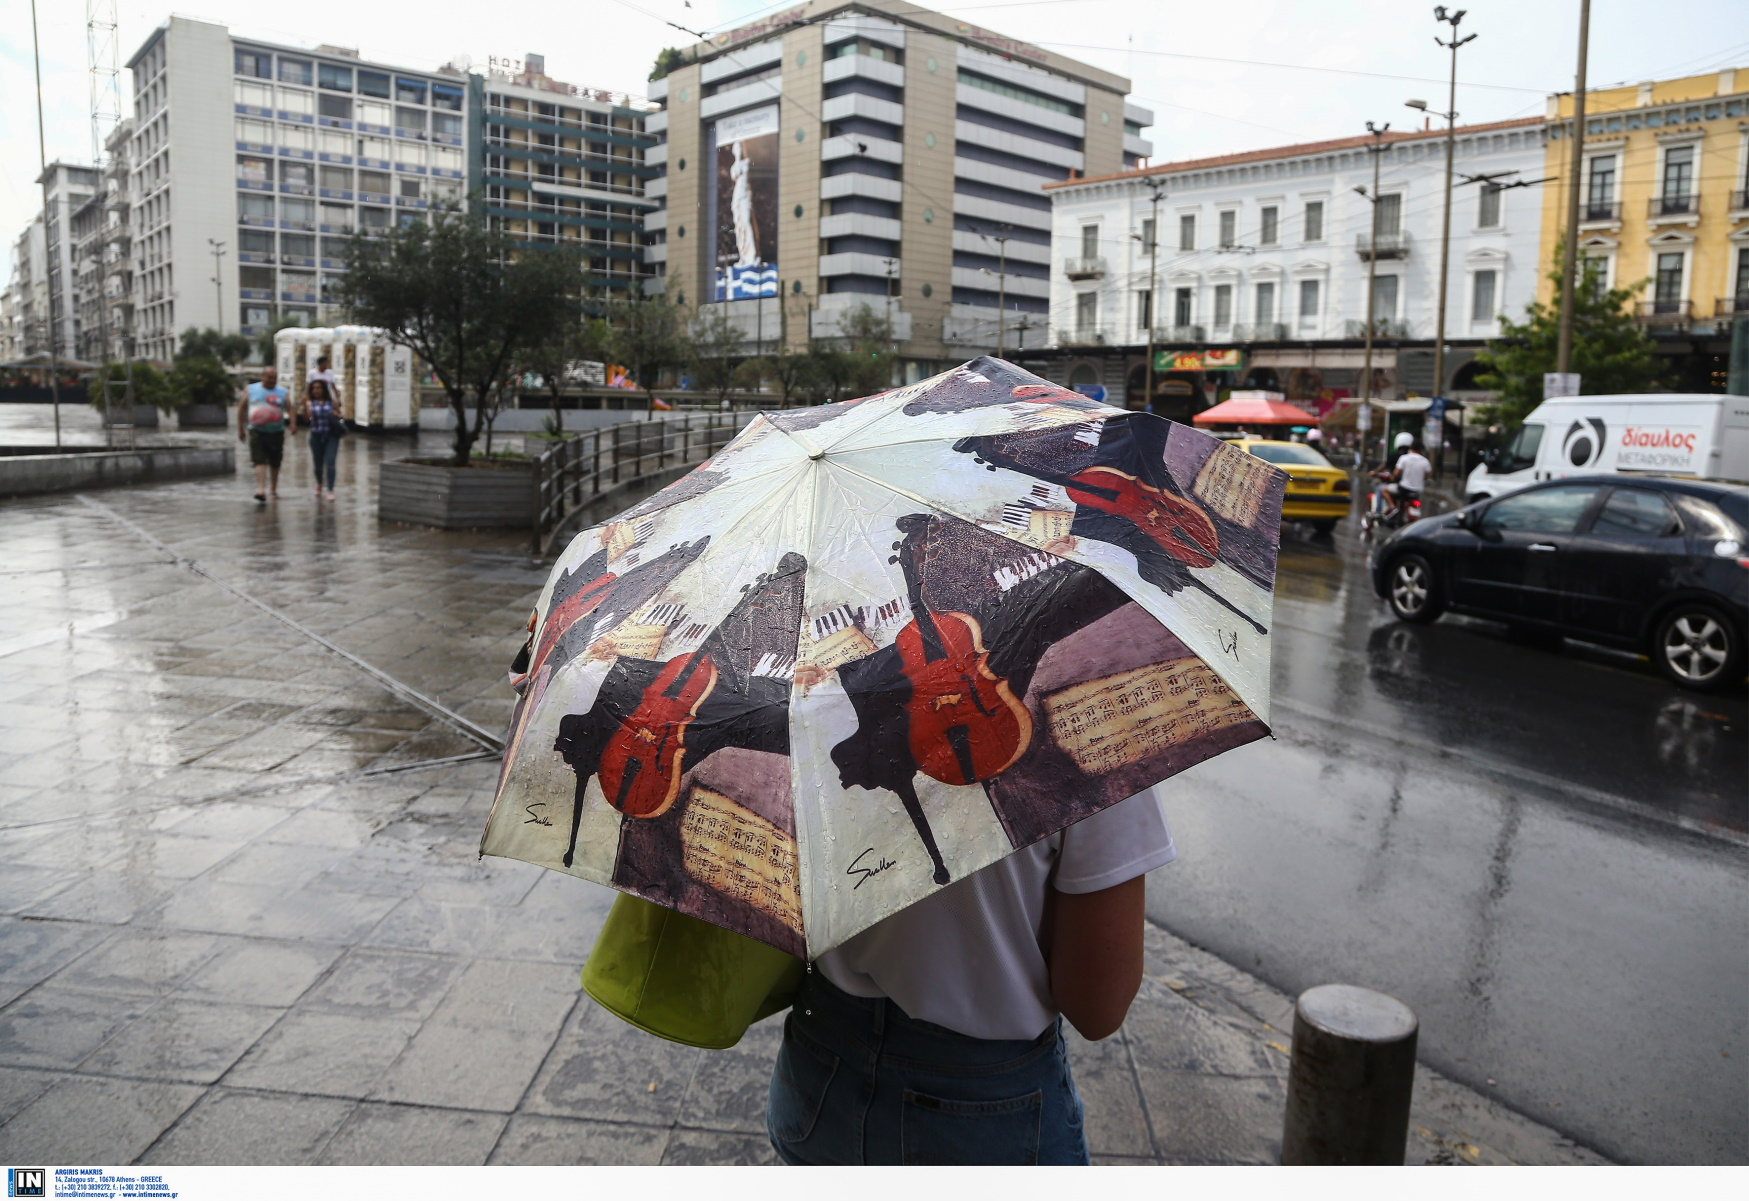 Καιρός αύριο: «Ανοιξη» αναβάλλεται – Έρχονται βροχές και κρύο